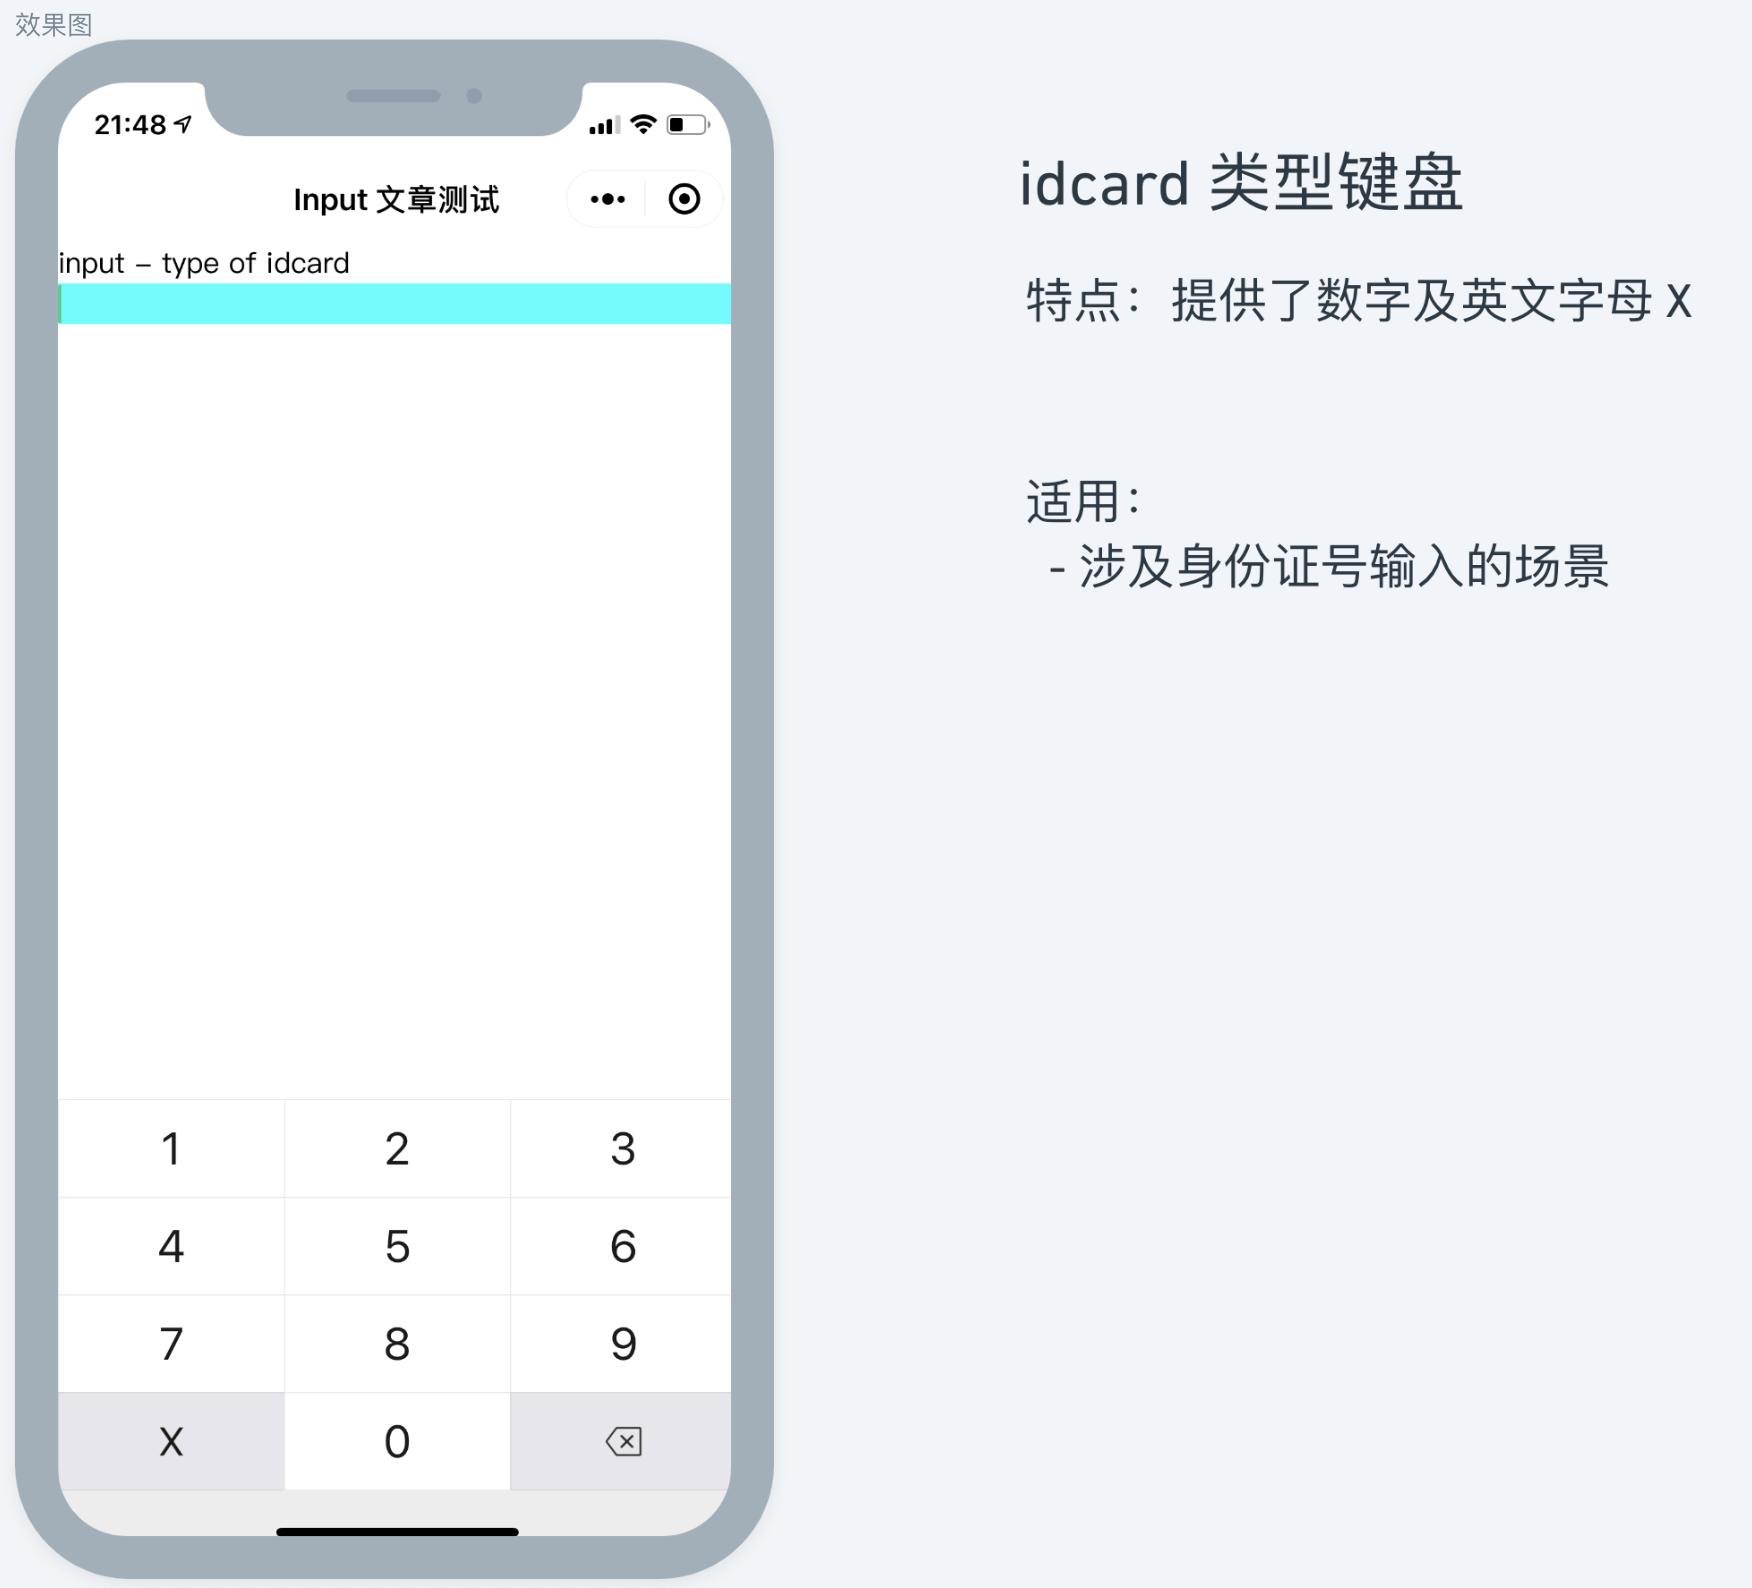 idcard 类型 input 适用建议